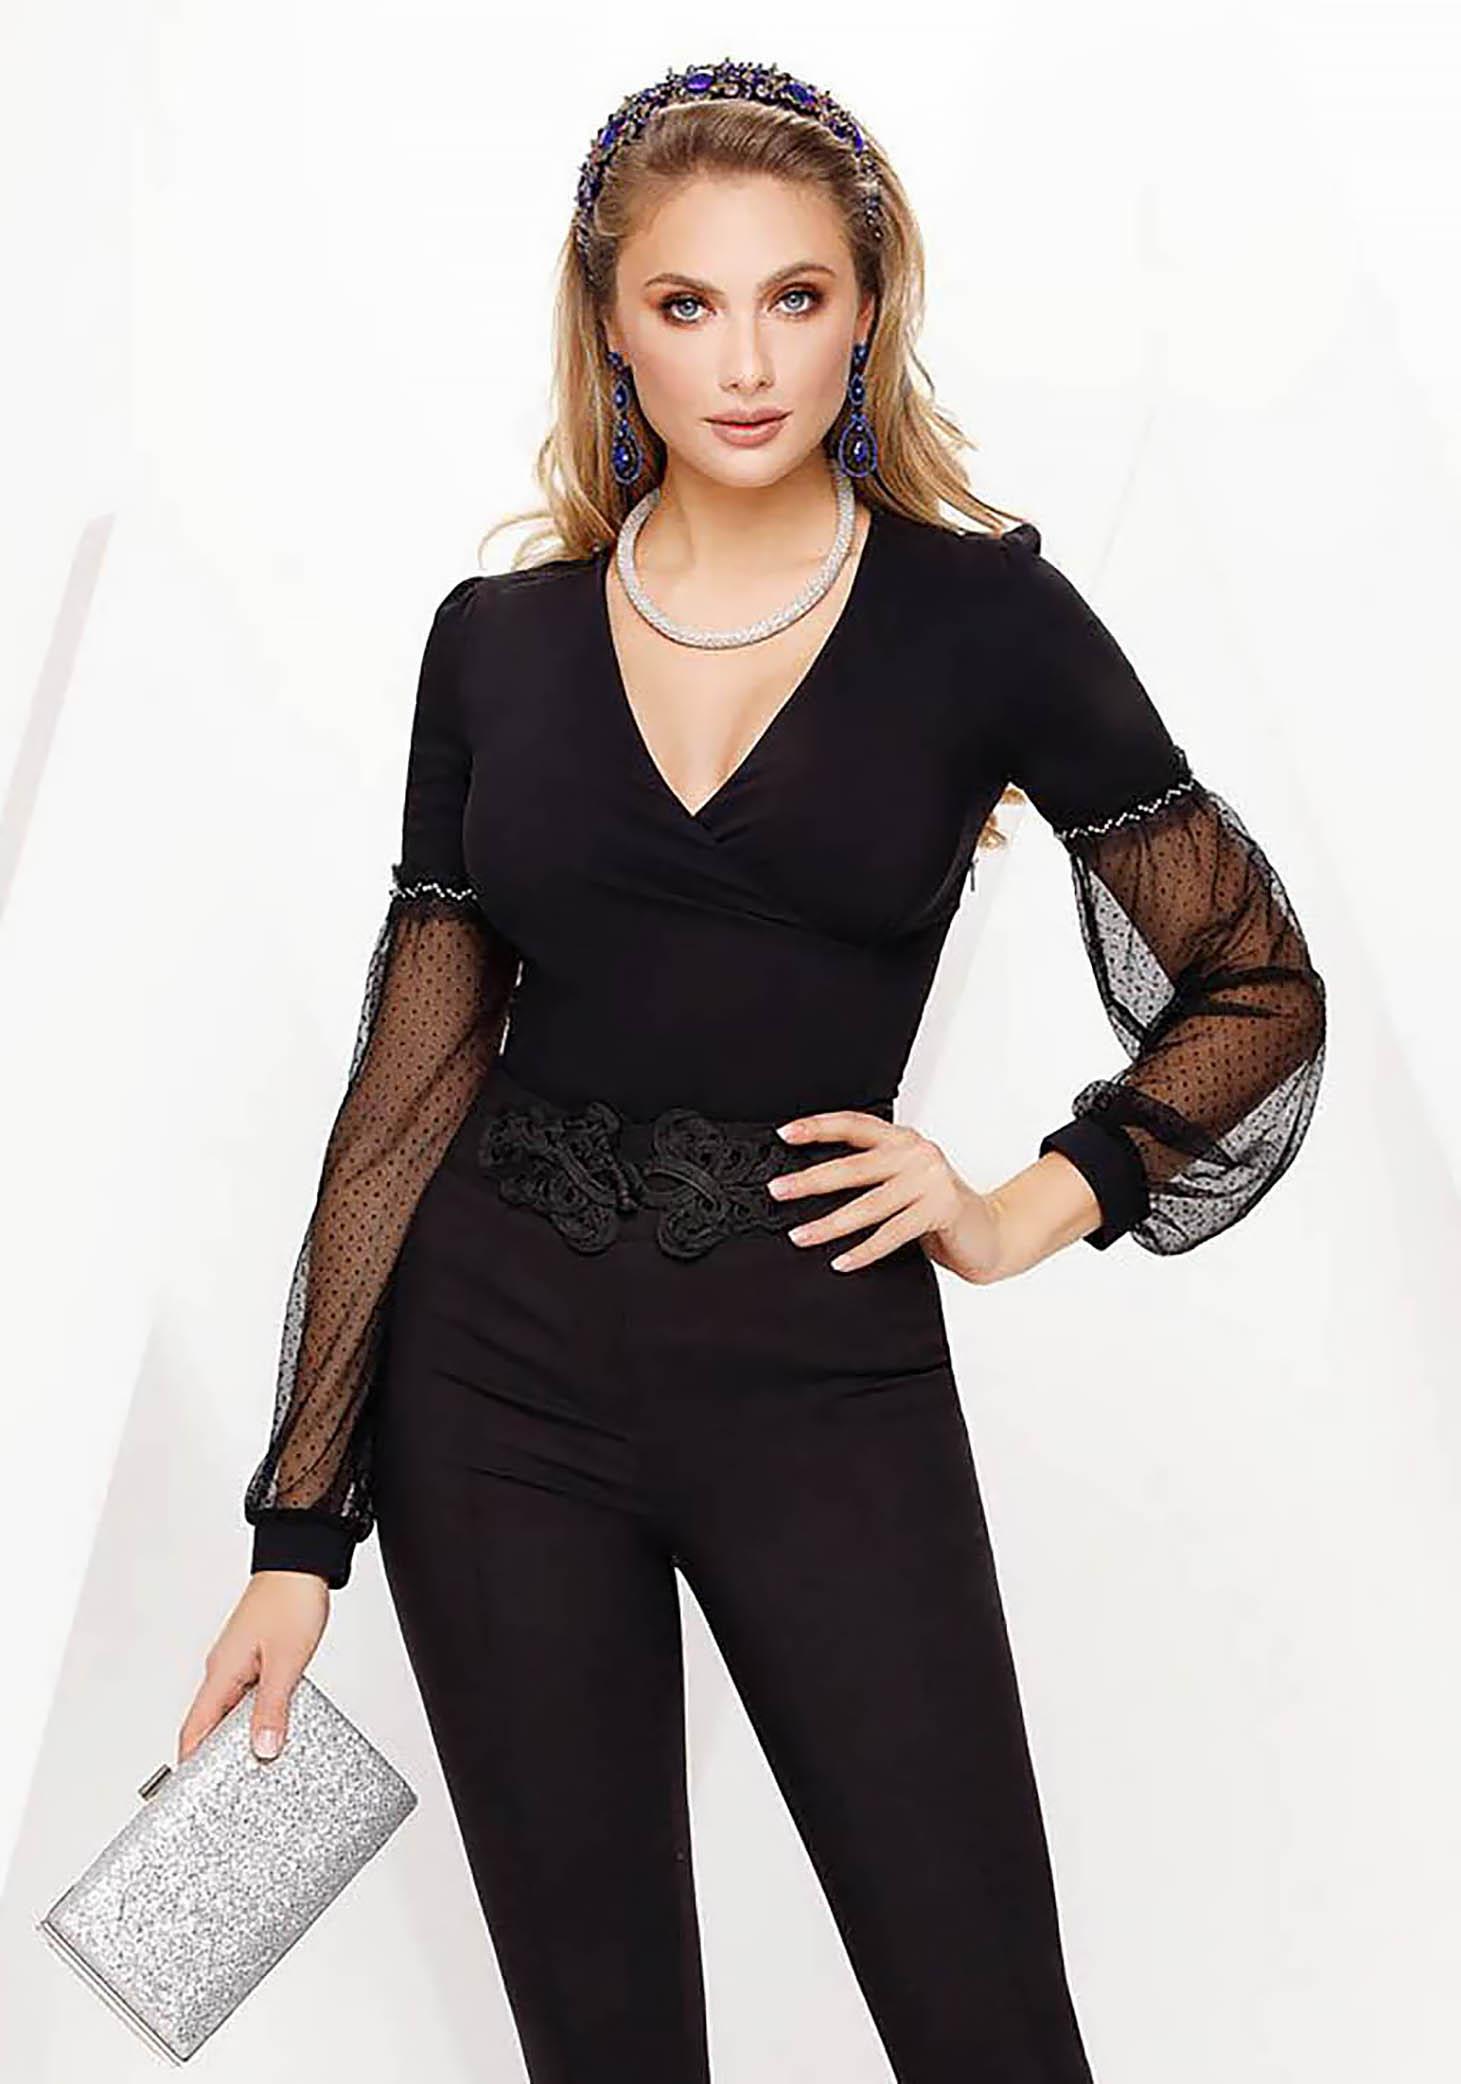 Fekete Fofy elegáns női ing szűk szabás enyhén elasztikus pamut v-dekoltázzsal